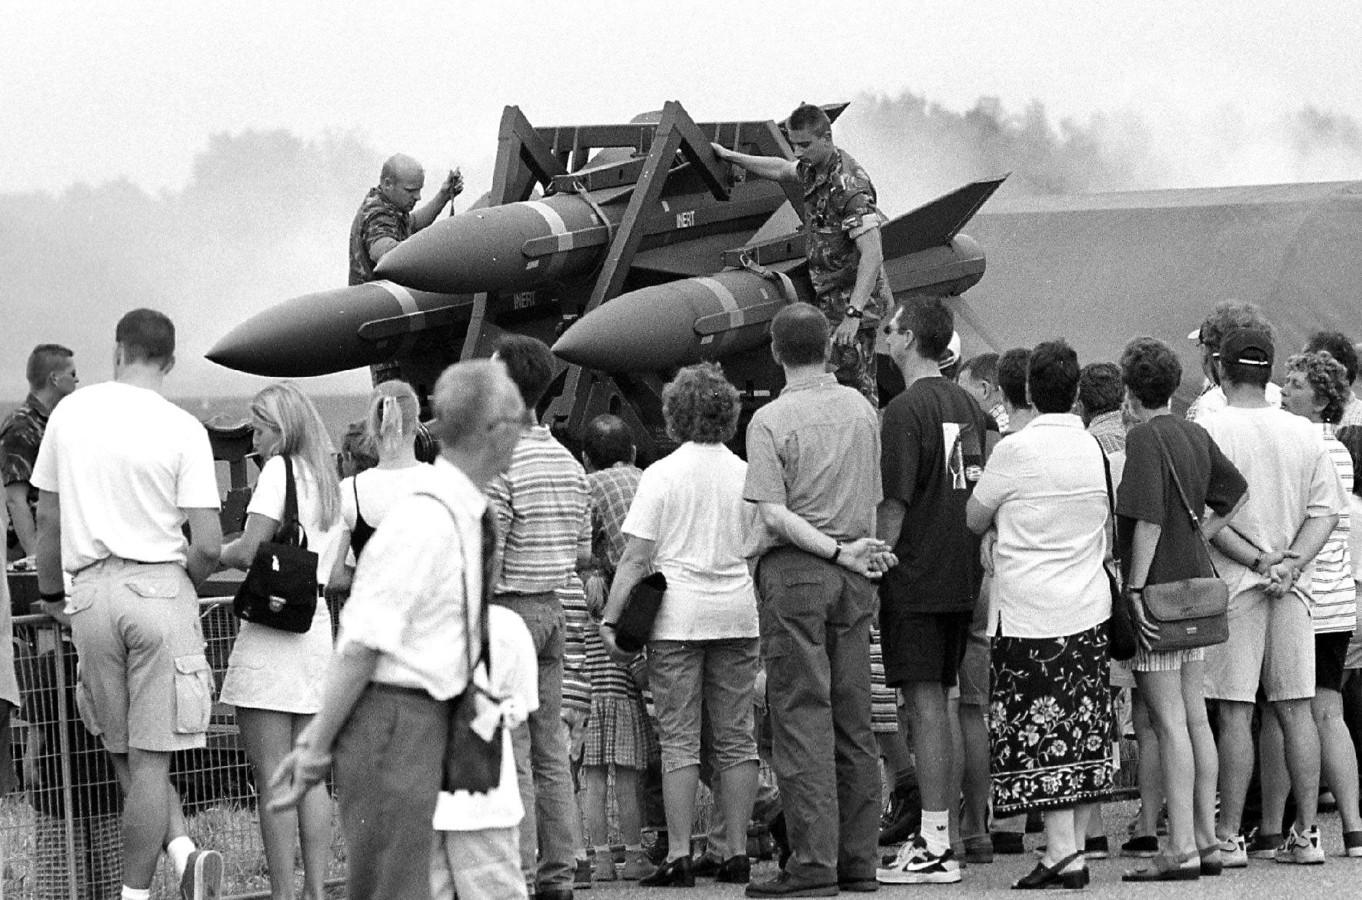 Open dag van de Groep Geleide Wapens op vliegbasis De Peel in 1999.